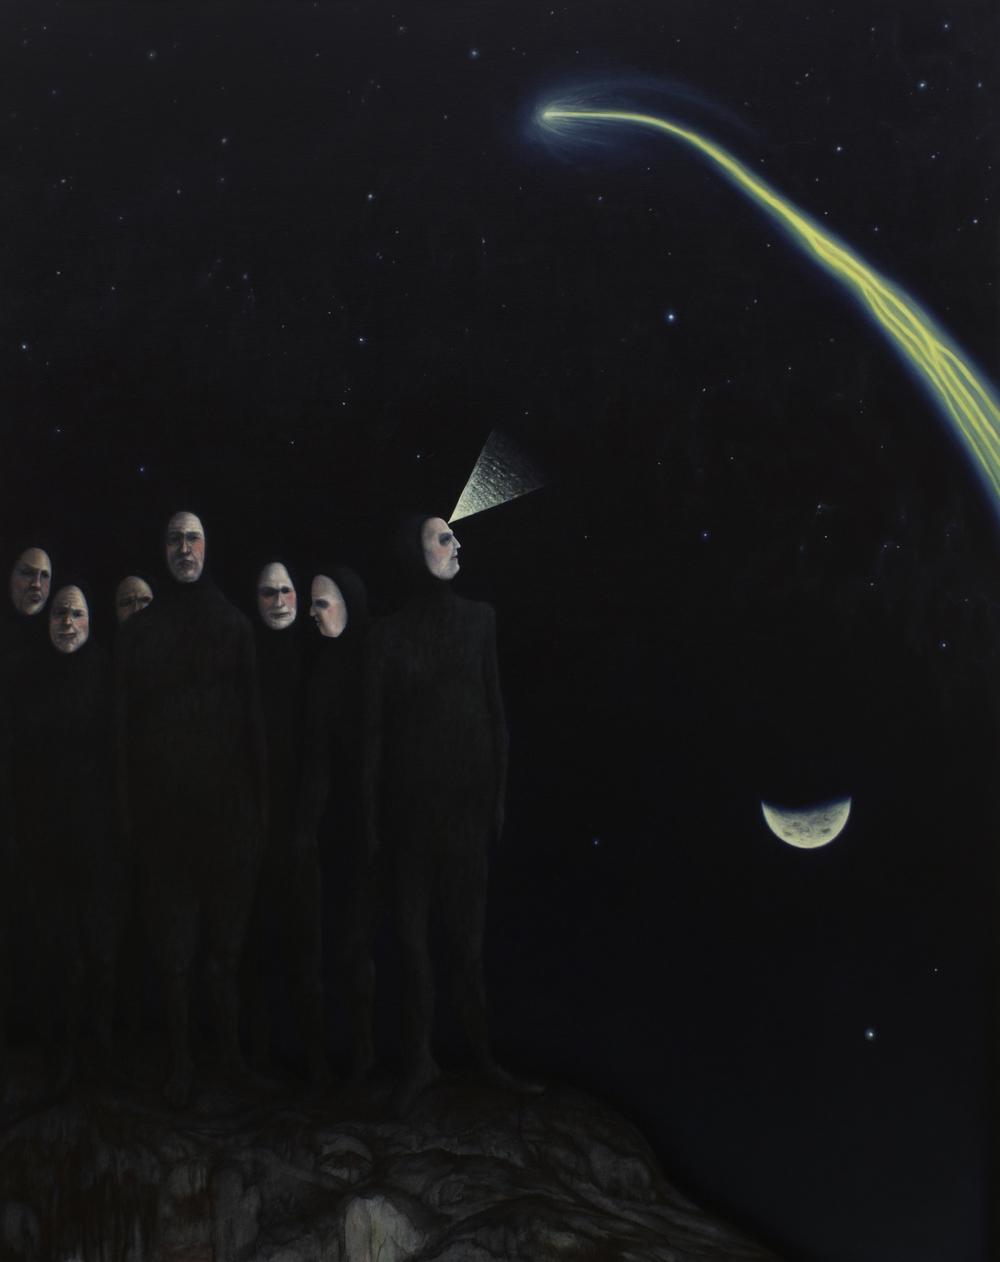 Cometa, 2014, Oil on canvas, 140 x 110 cm